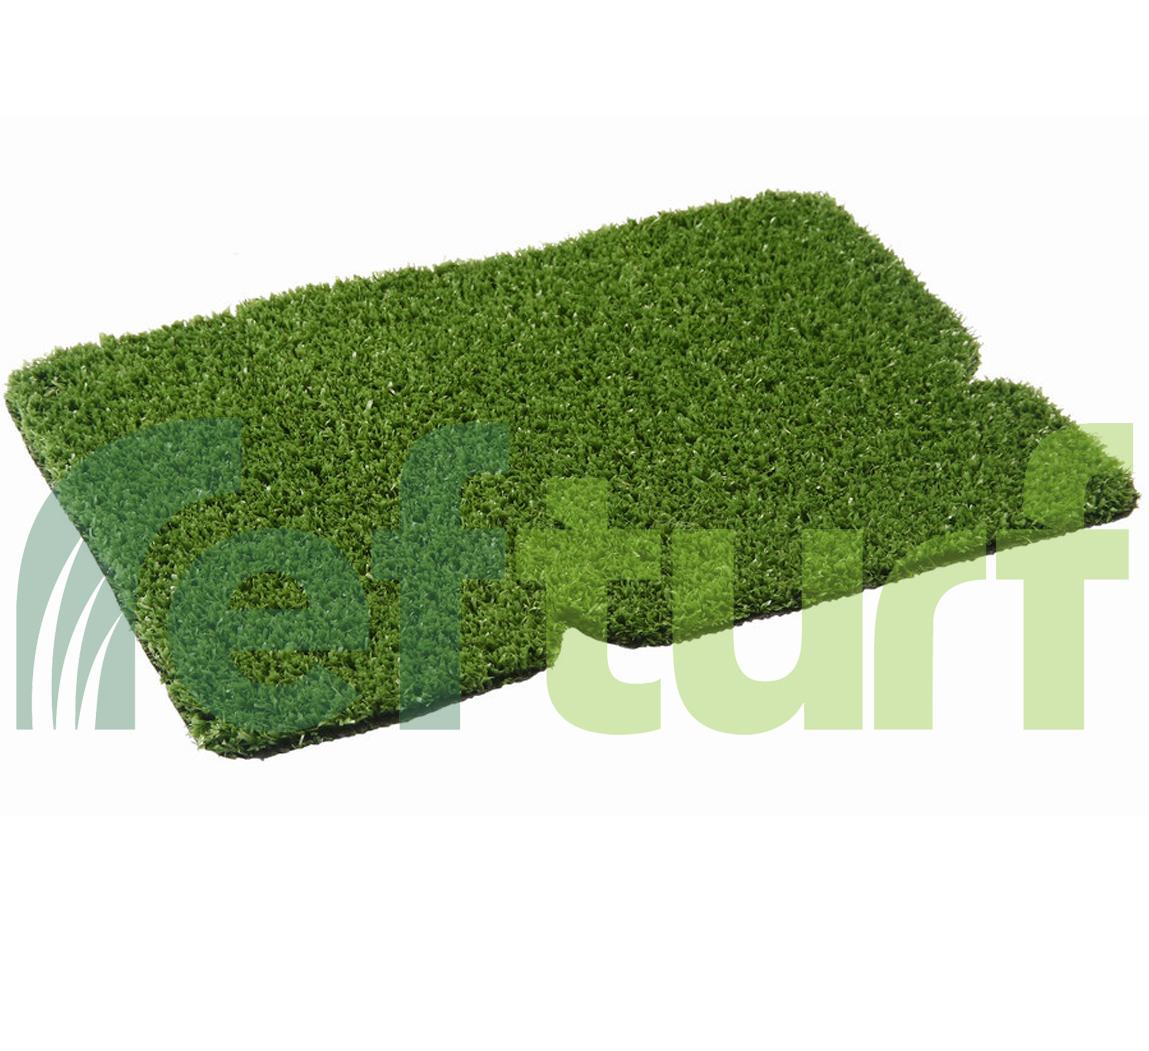 çim halı, sentetik çim halı, suni çim halı, çim balkon halı,